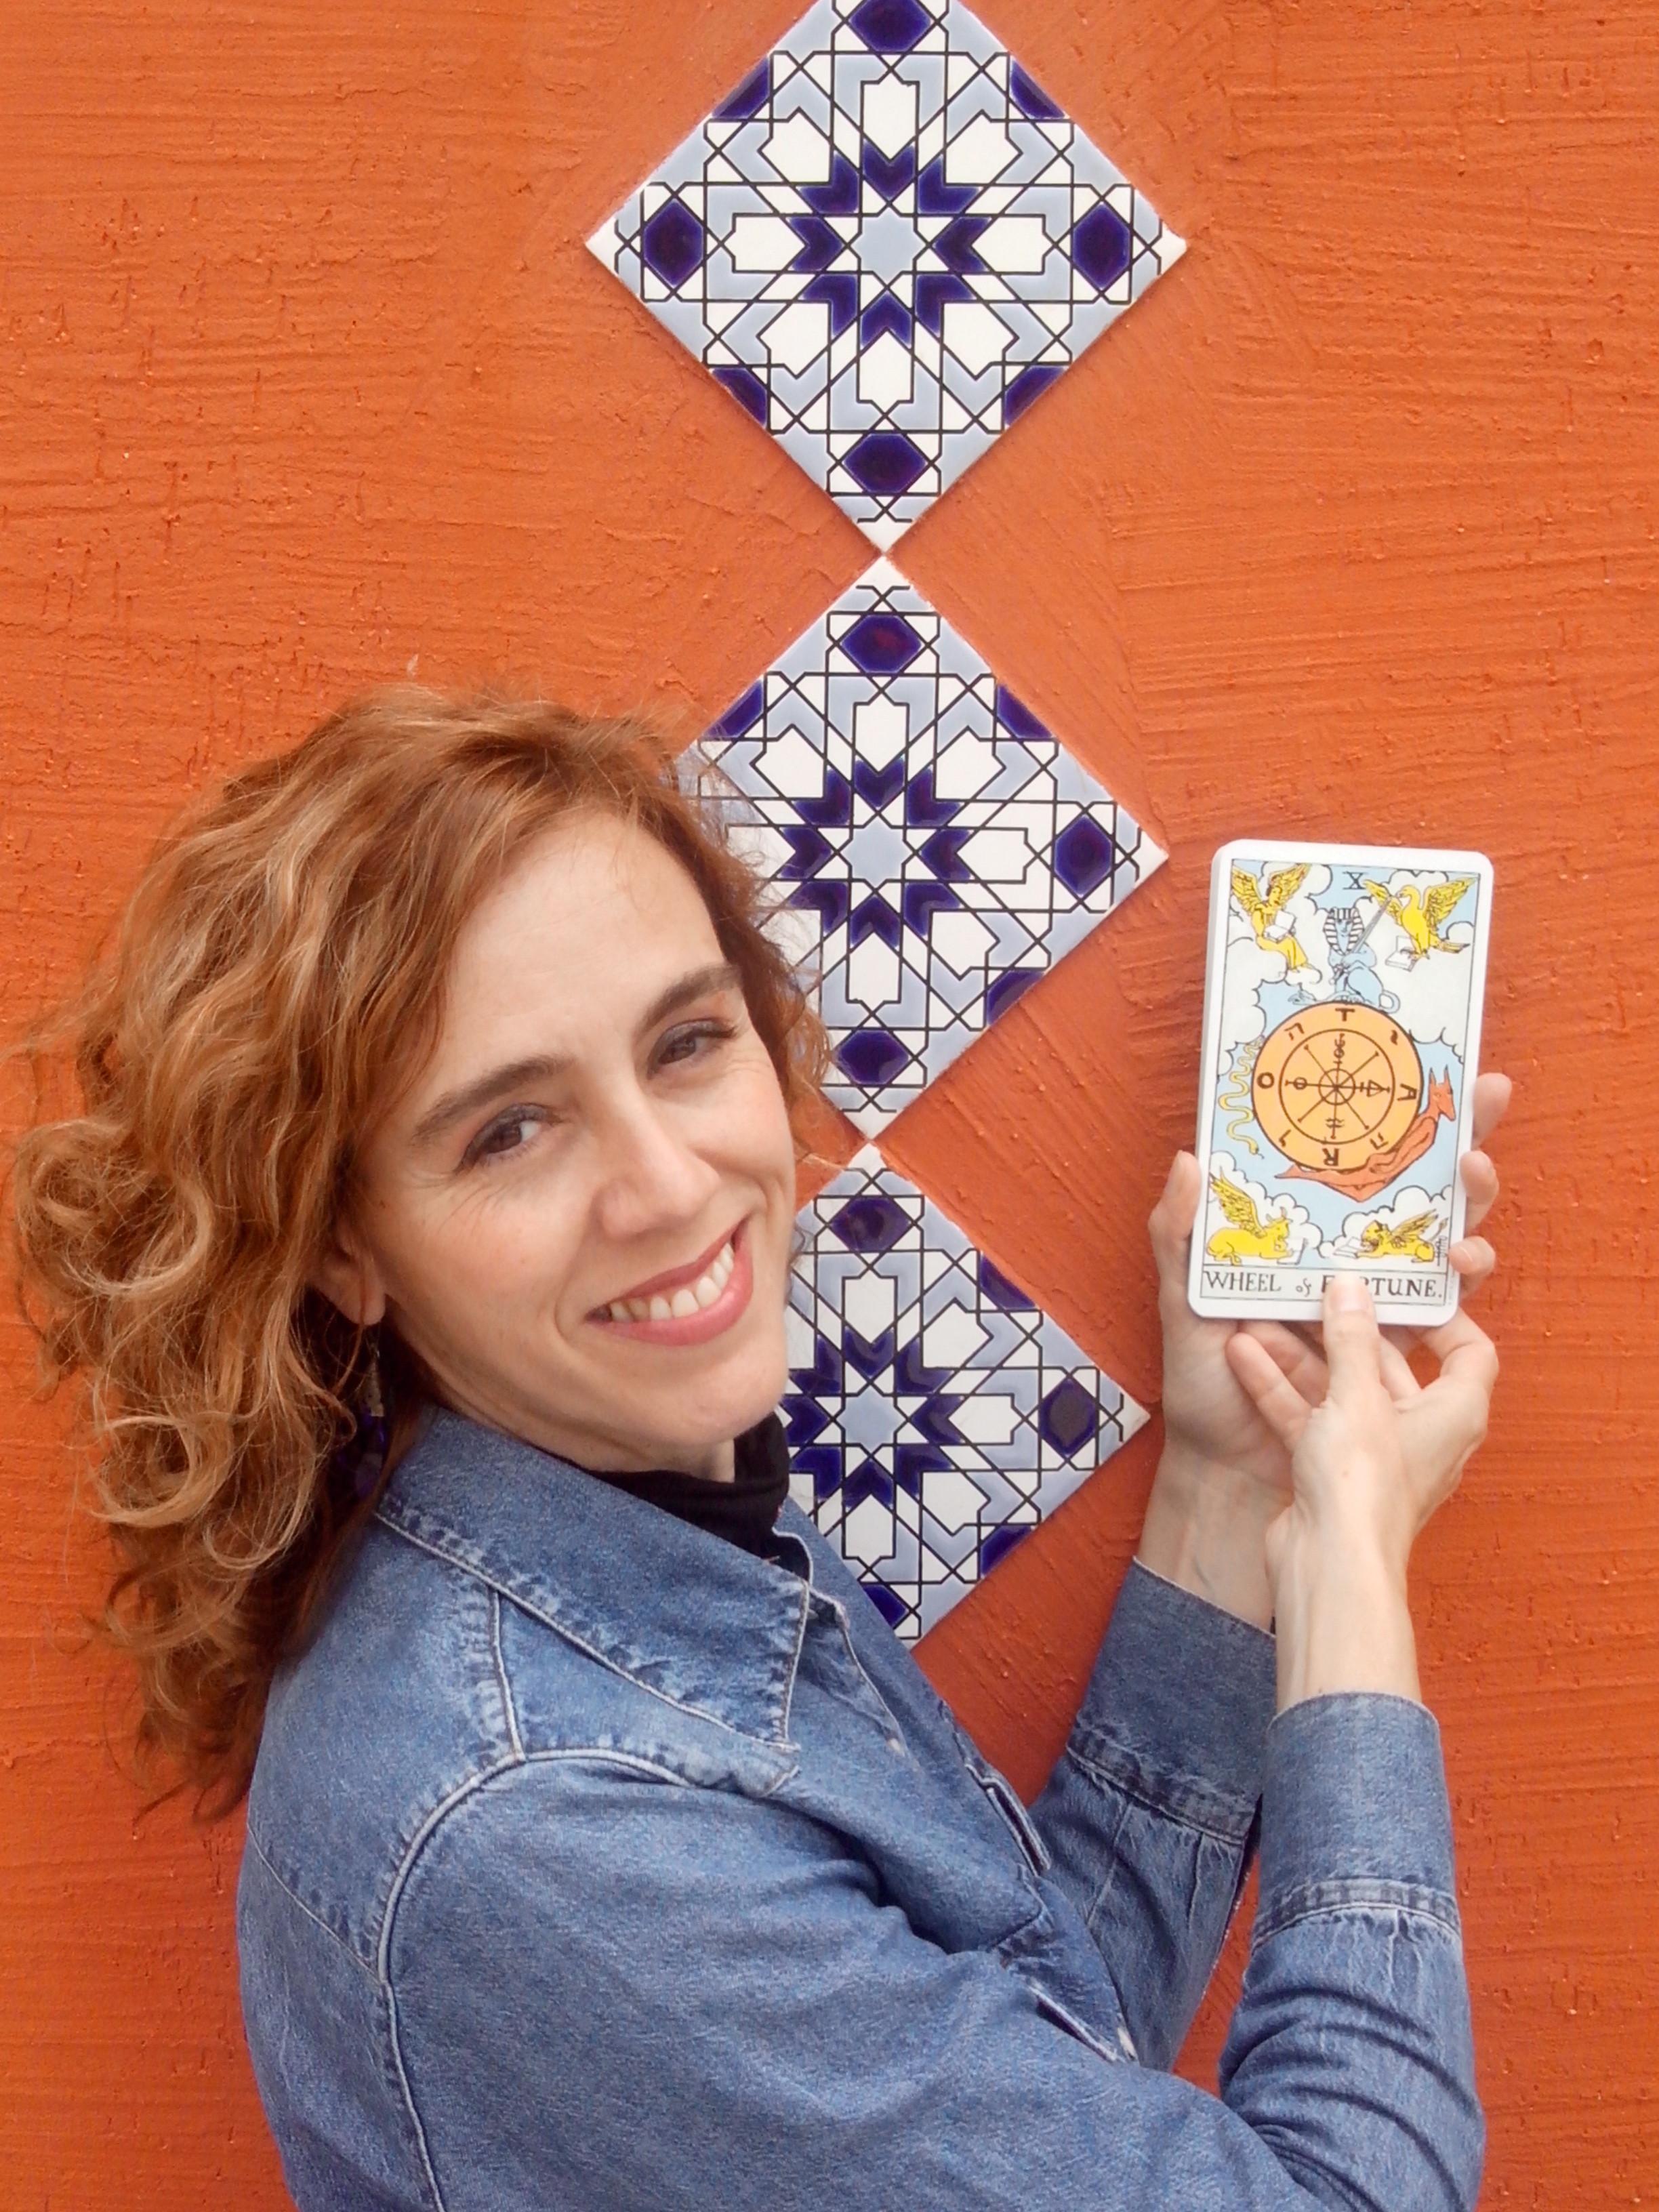 Victoria Arderius